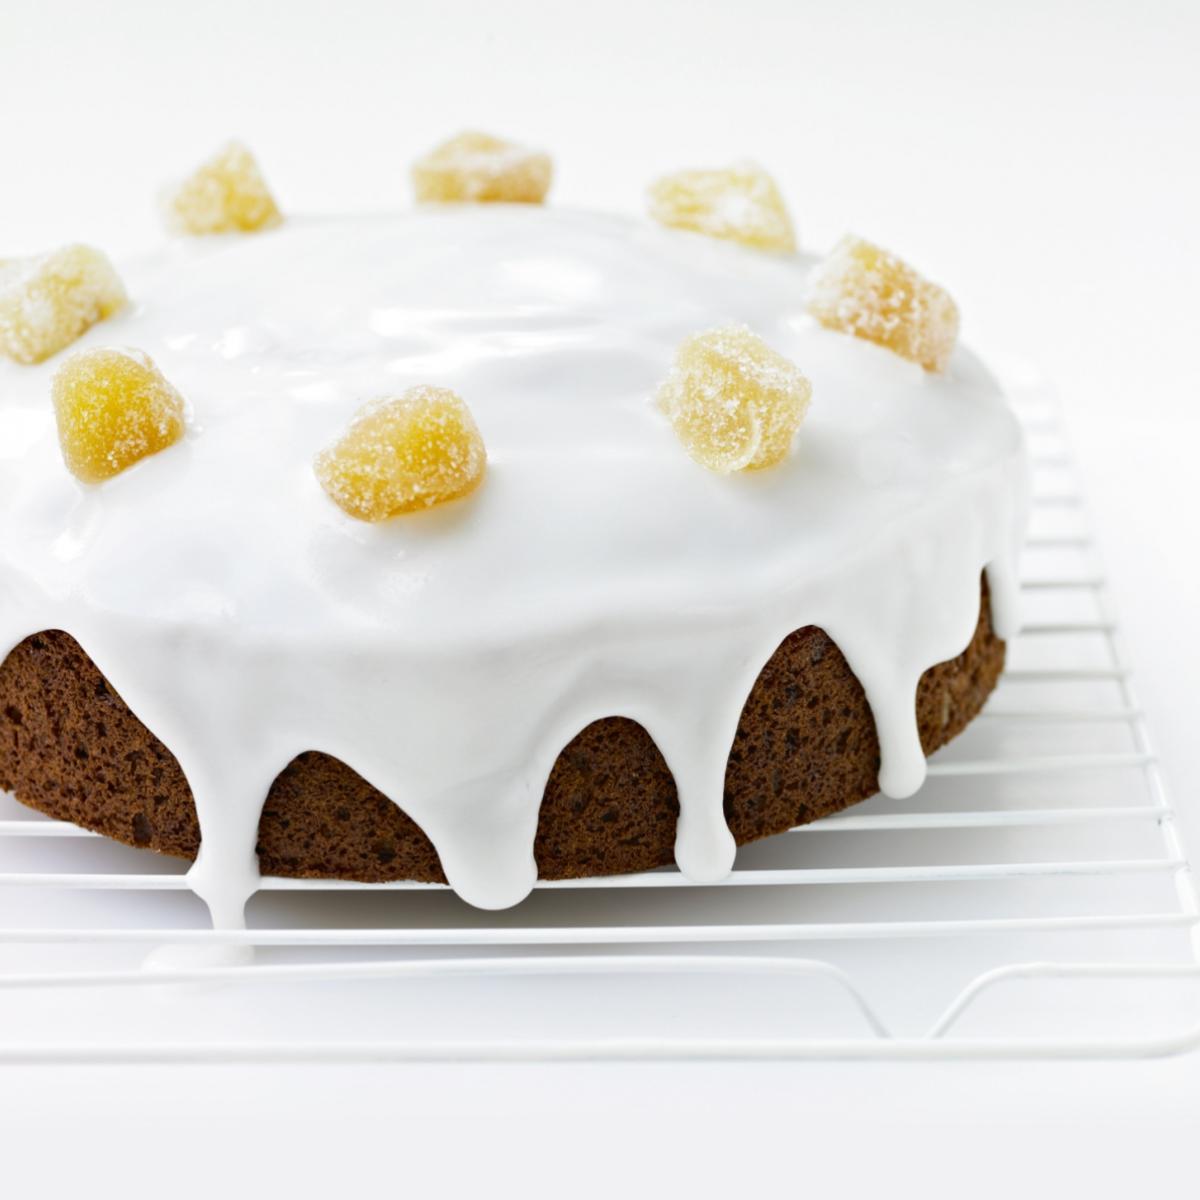 Iced Ginger Loaf Cake Recipe